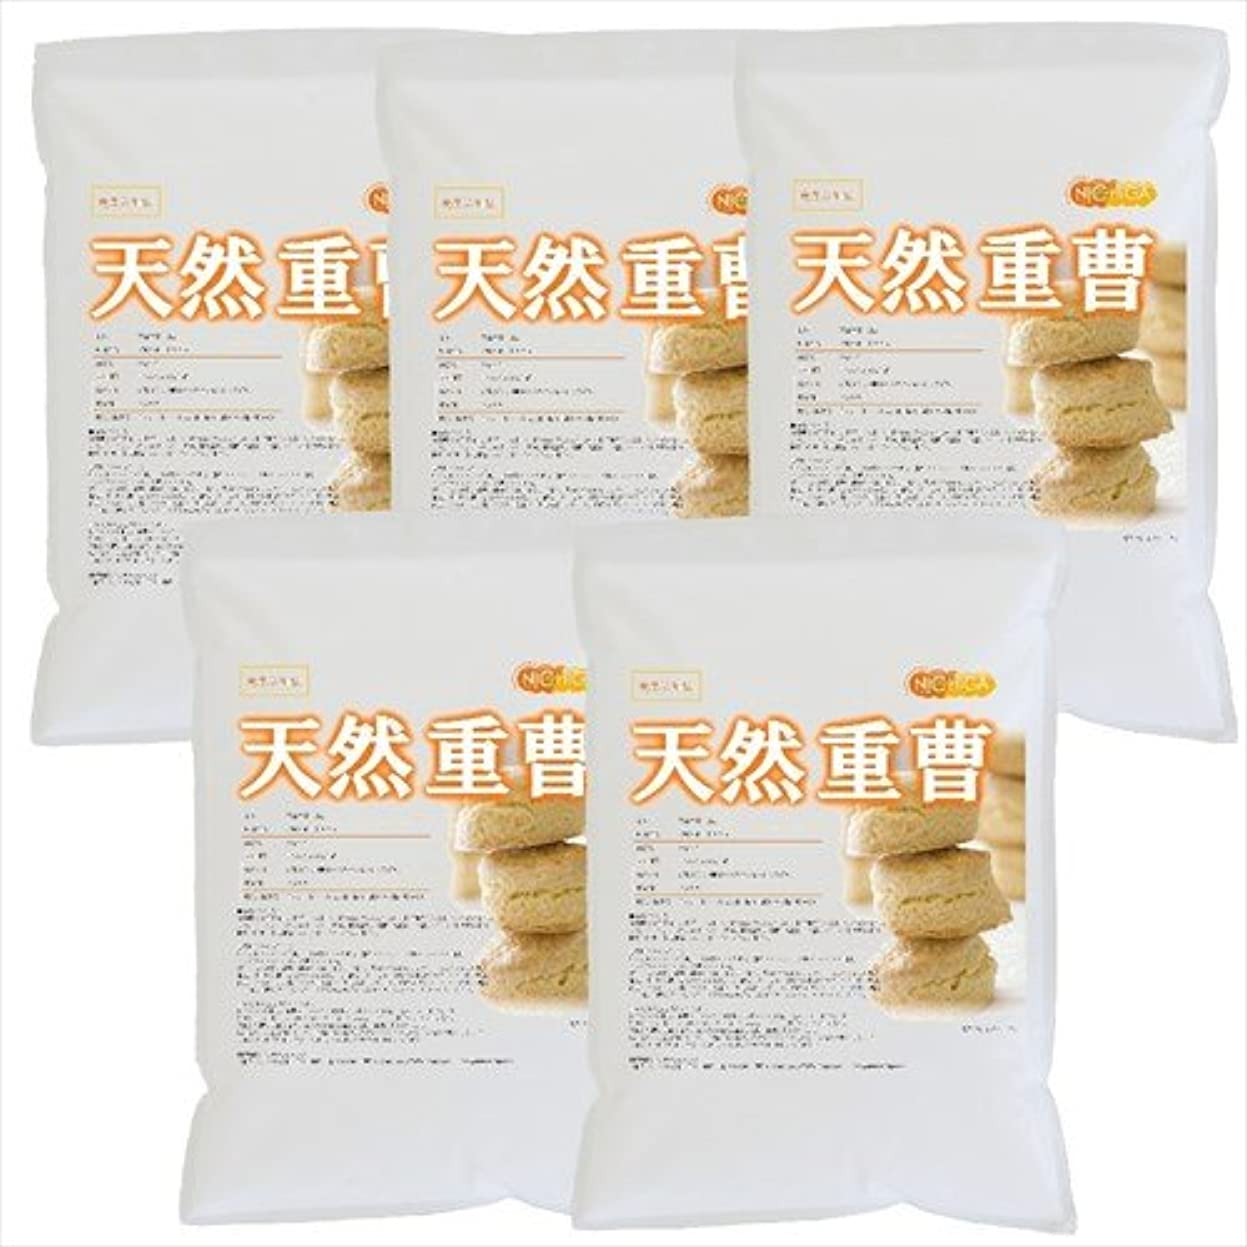 ディベートびっくりする研磨剤天然 重曹 5kg×5袋 [02] 【同梱不可】 炭酸水素ナトリウム NICHIGA(ニチガ)